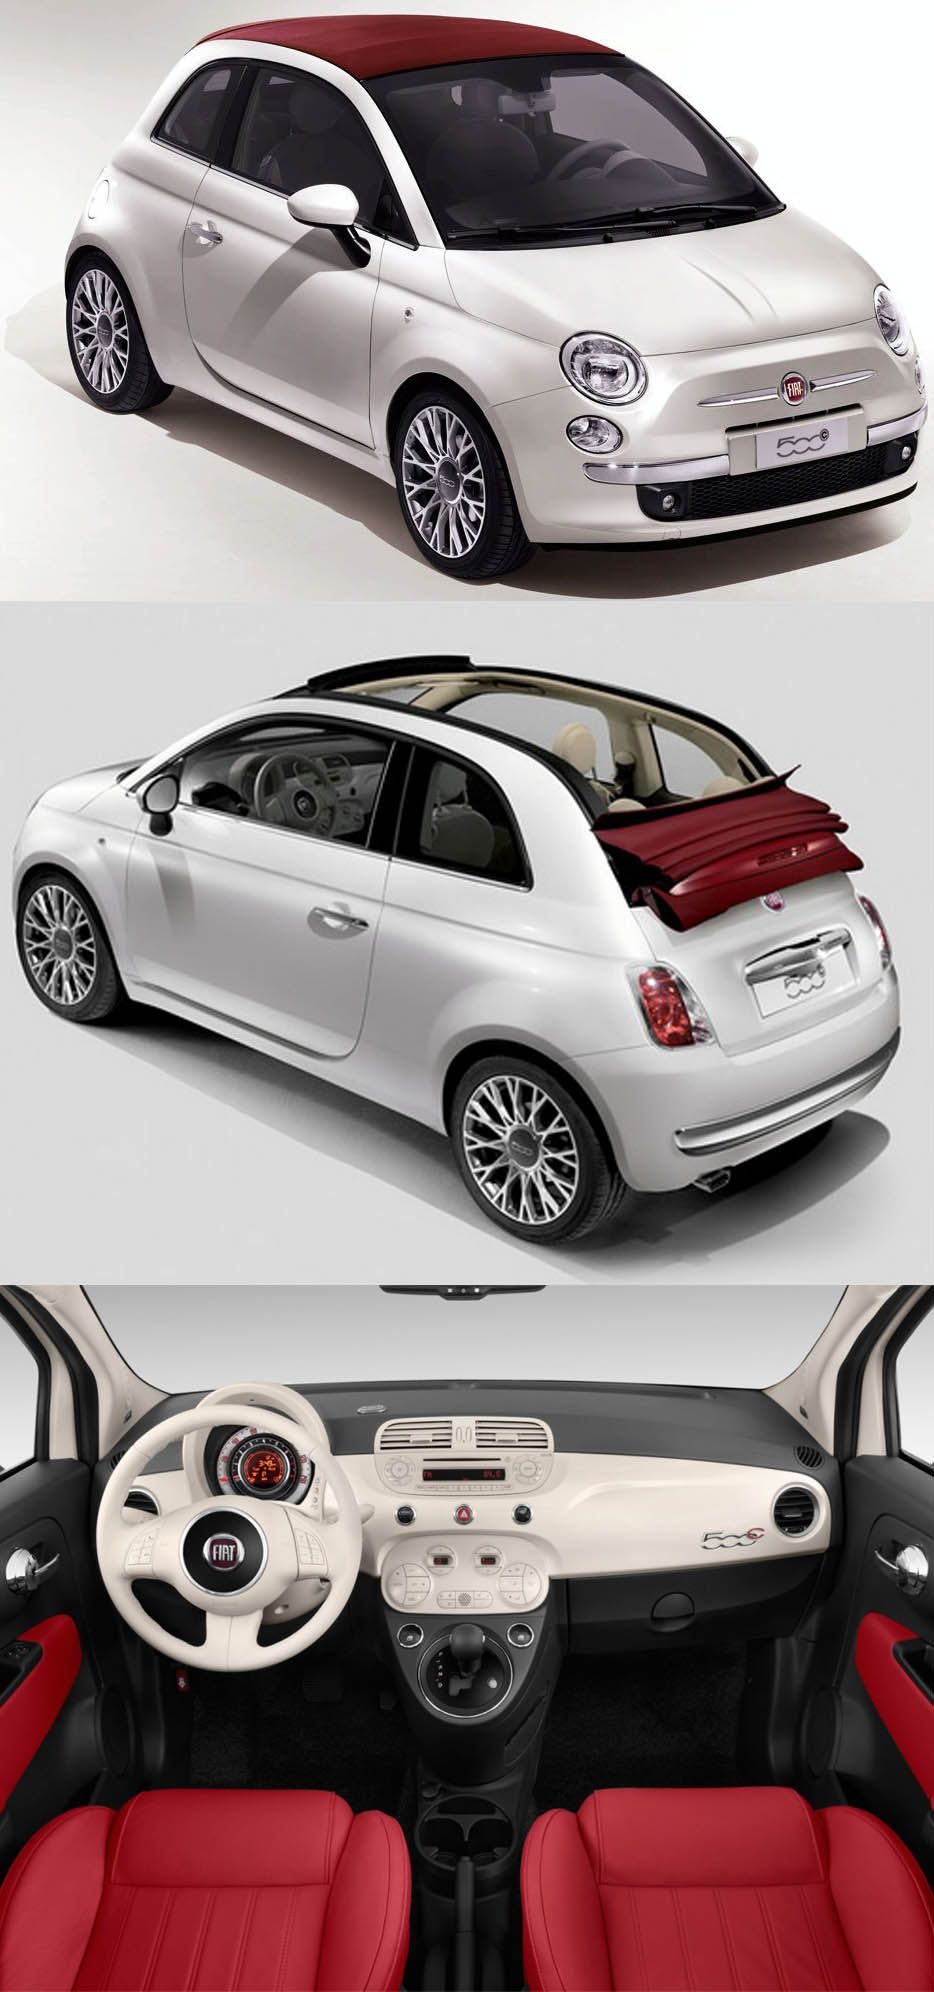 Fiat 500 Lounge Nowy Model Fiata Stanowi Nawiazanie Do